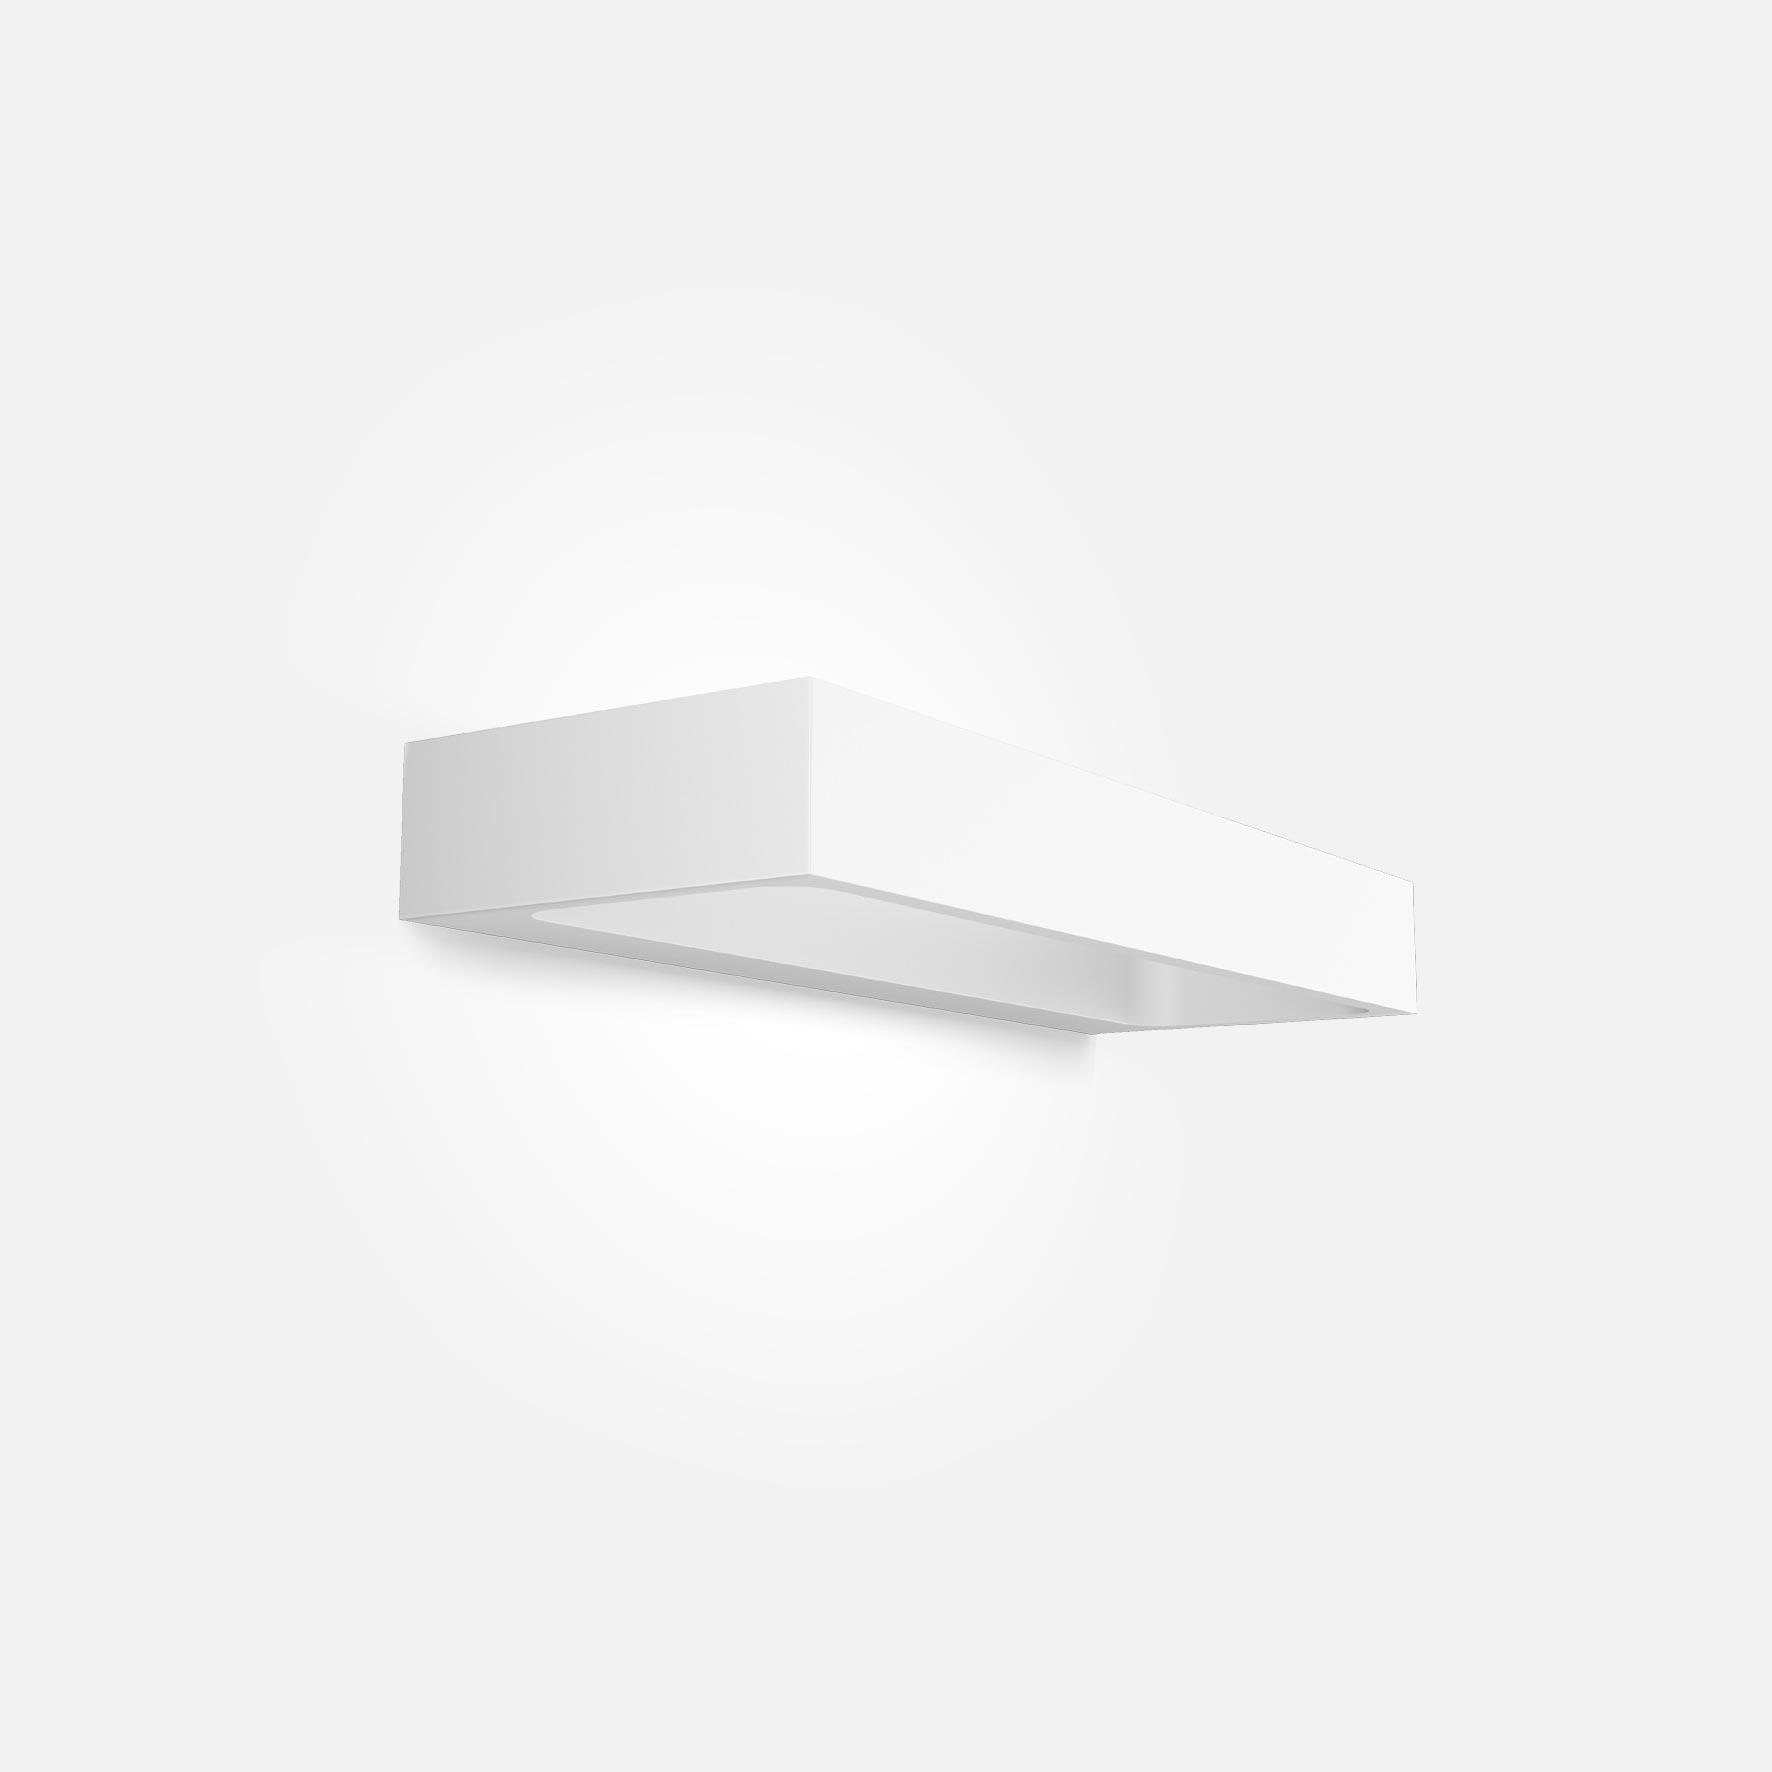 Bento 3.6 white texture